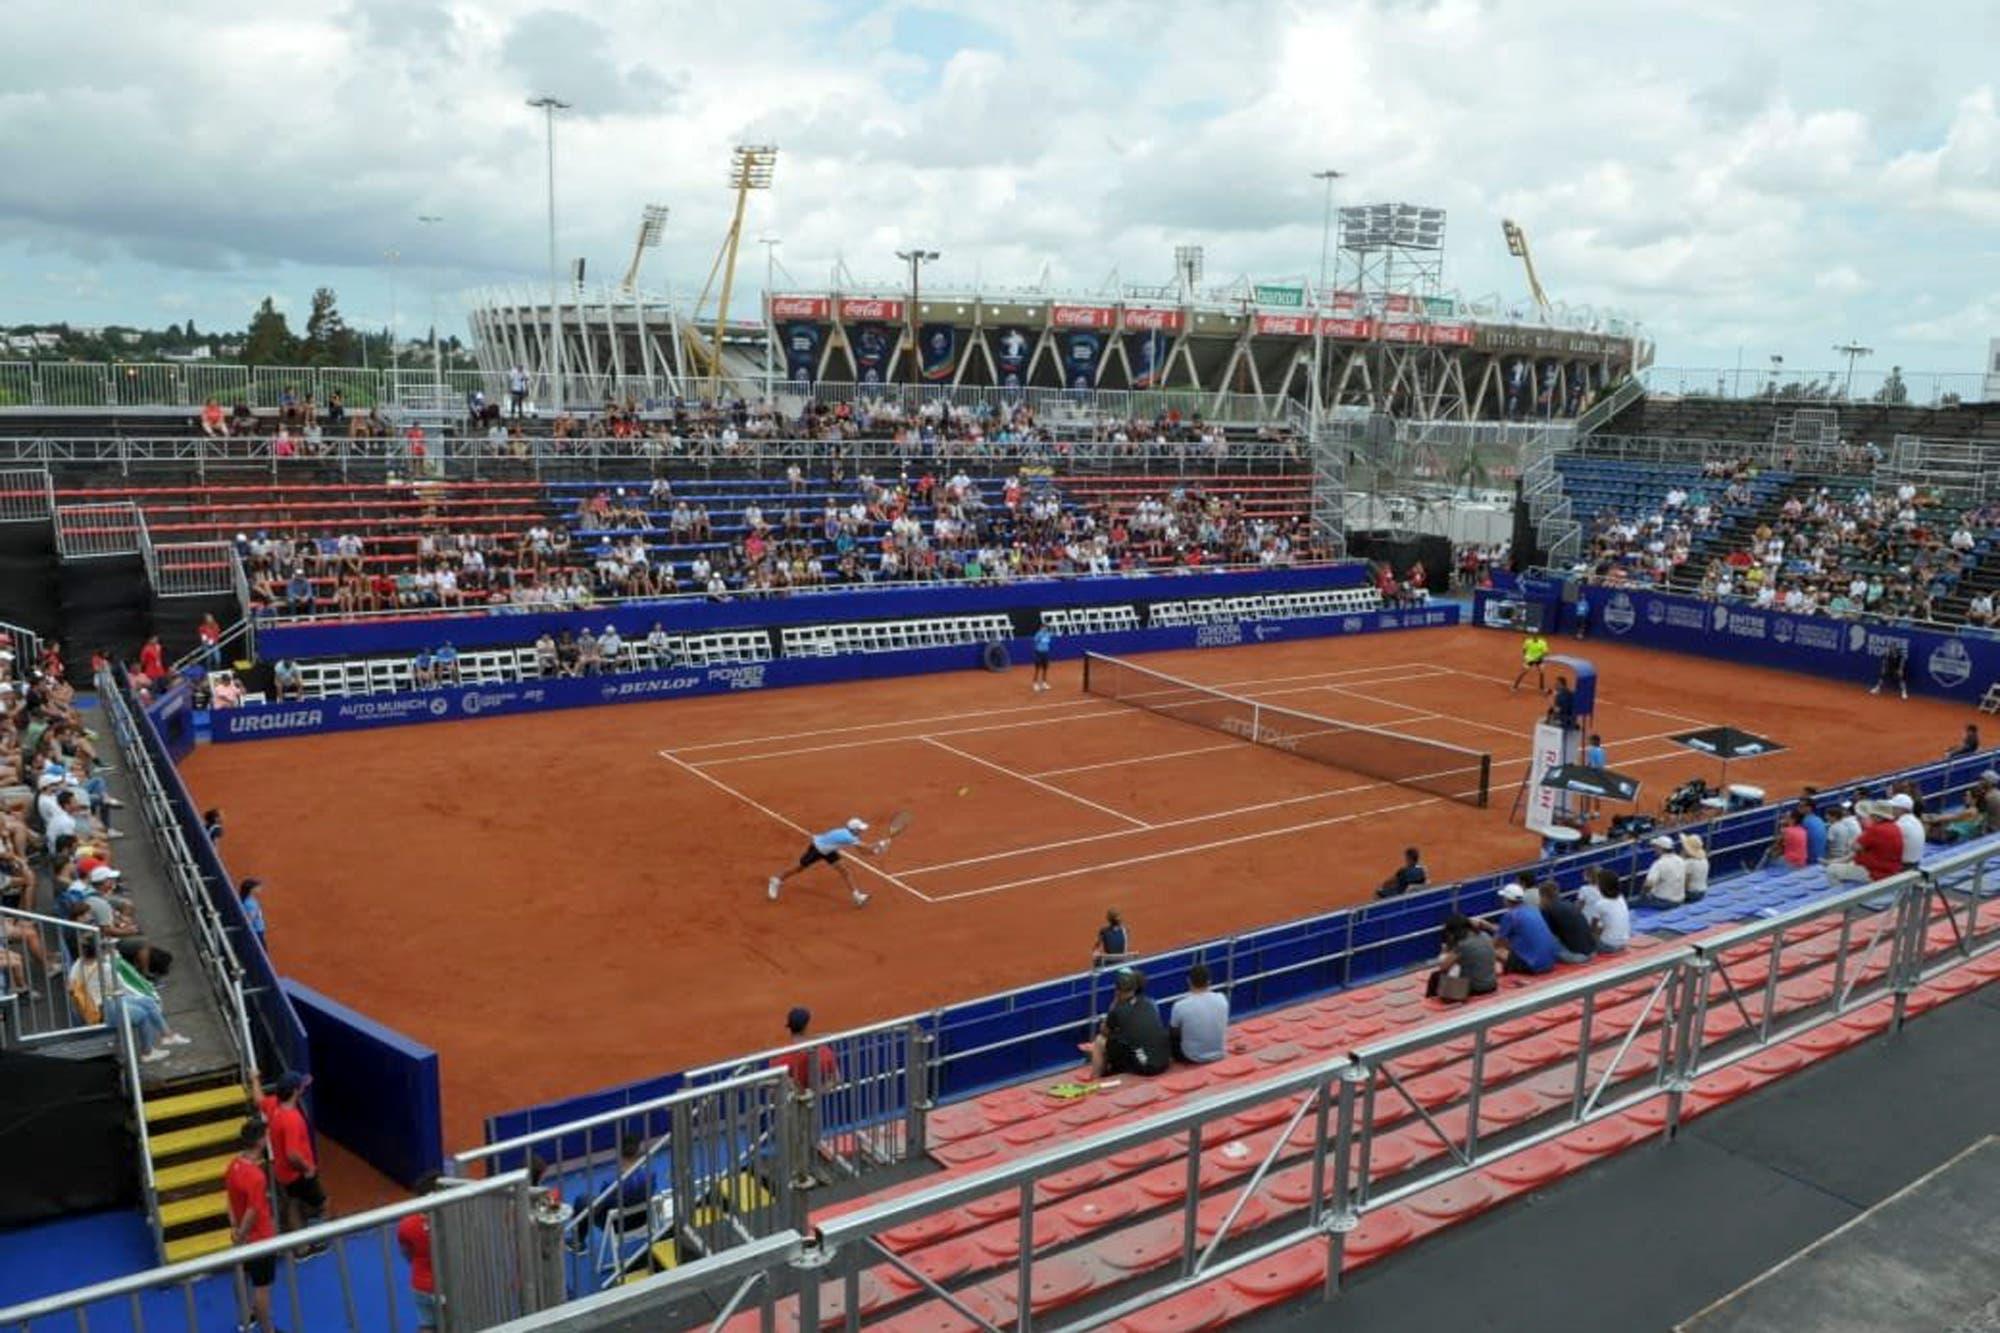 El Córdoba Open, nuevo ATP de la Argentina, se pone en marcha con horarios para luchar contra el calor